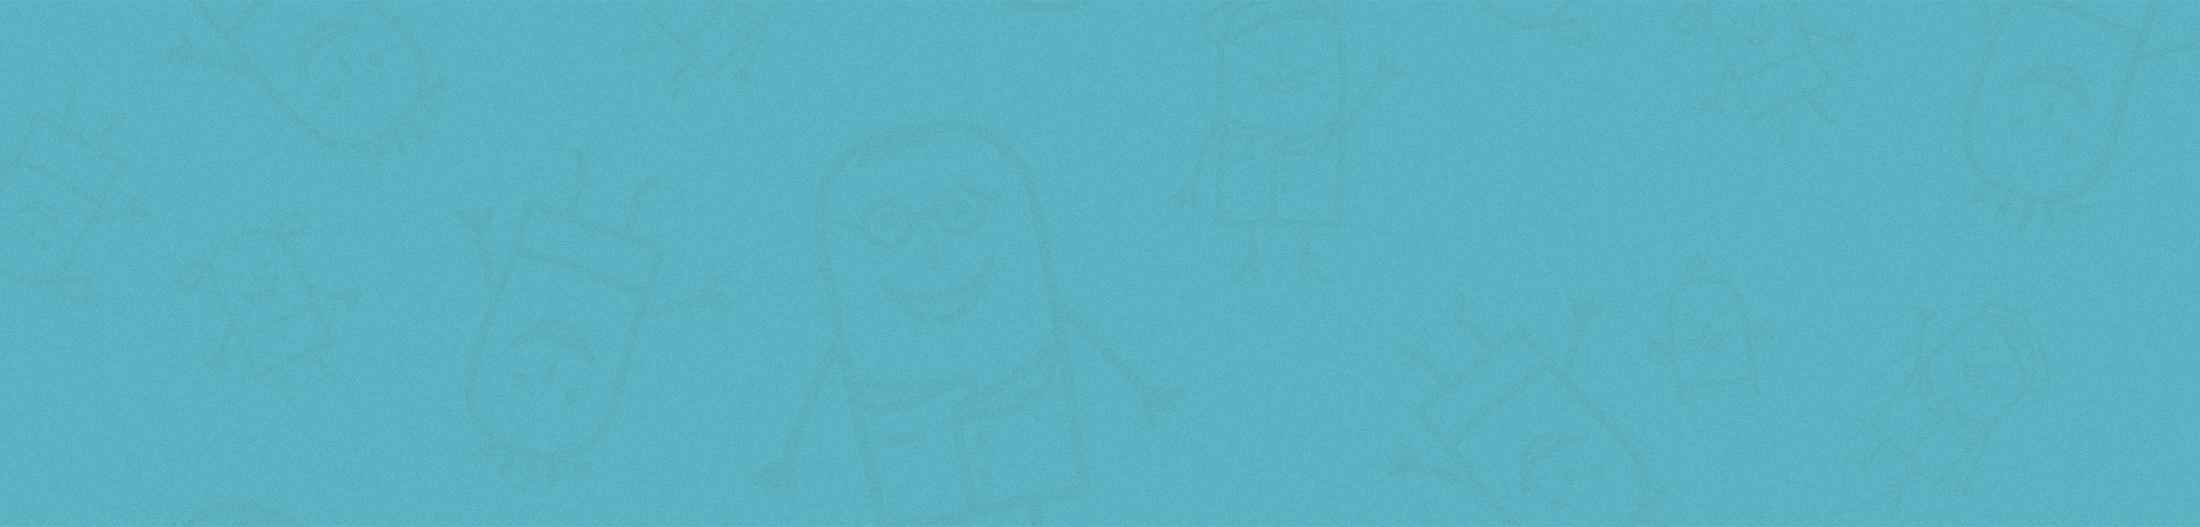 blue dentist background